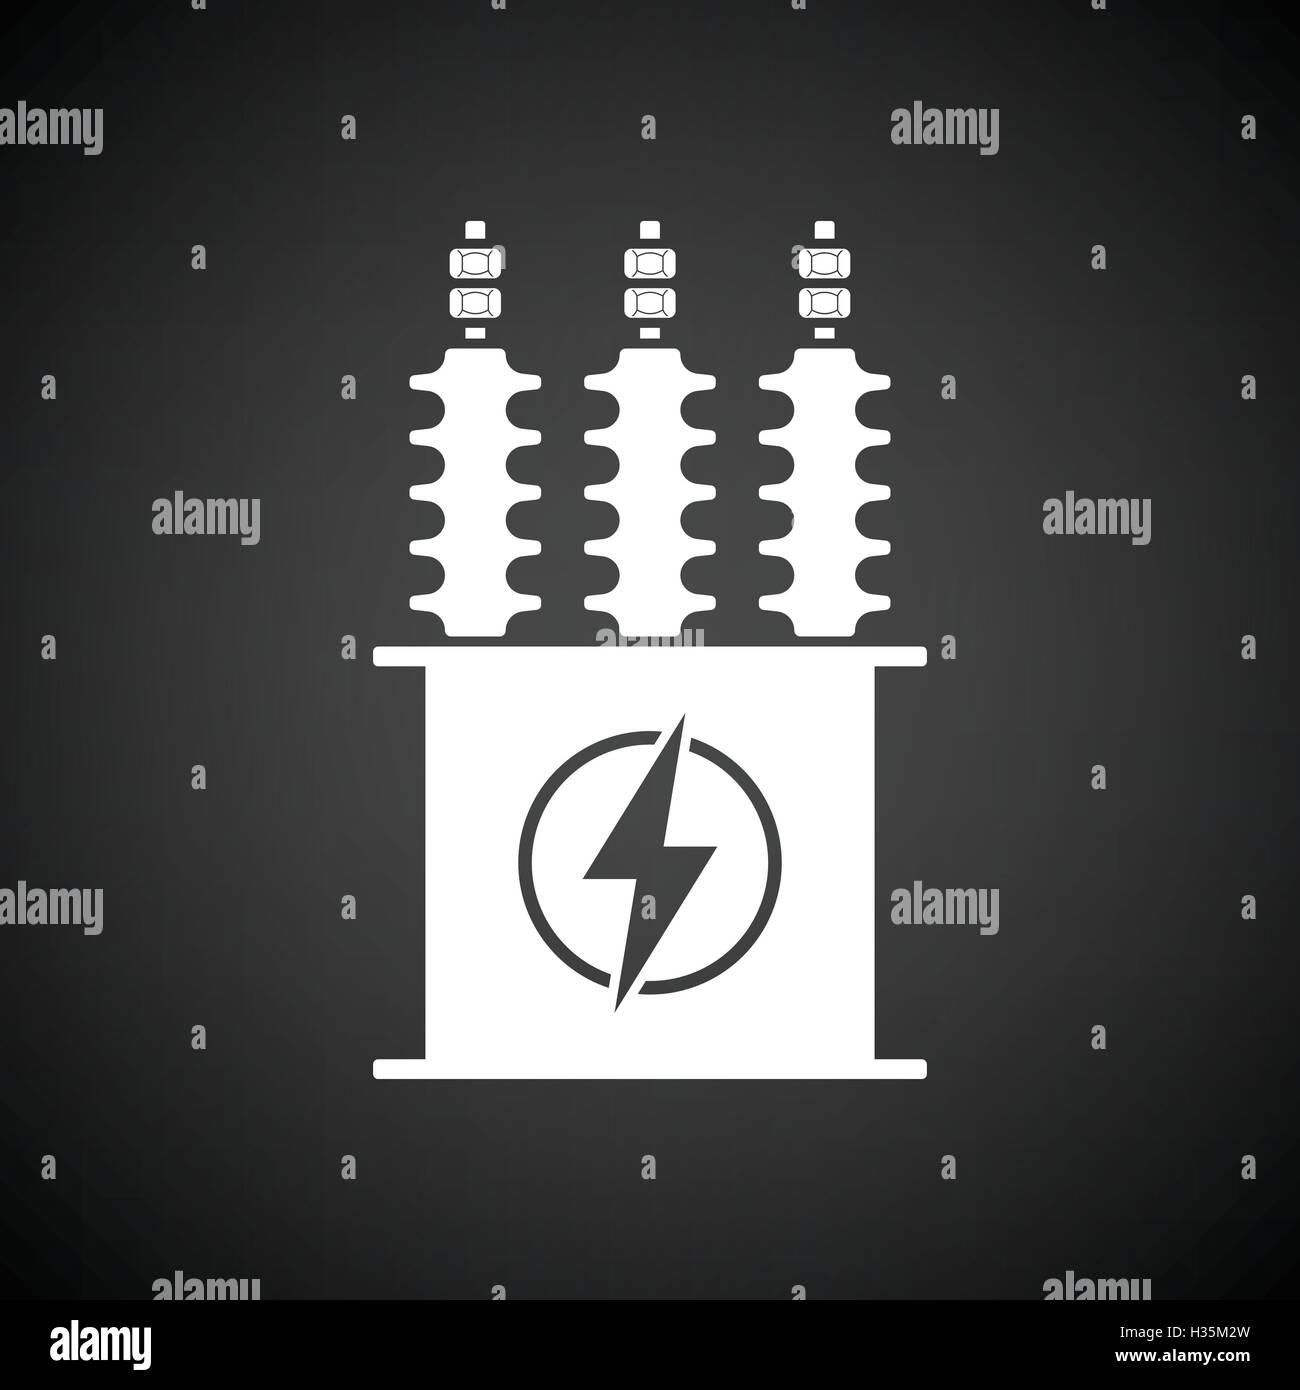 Fantastisch Elektrische Legenden Und Symbole Galerie - Elektrische ...